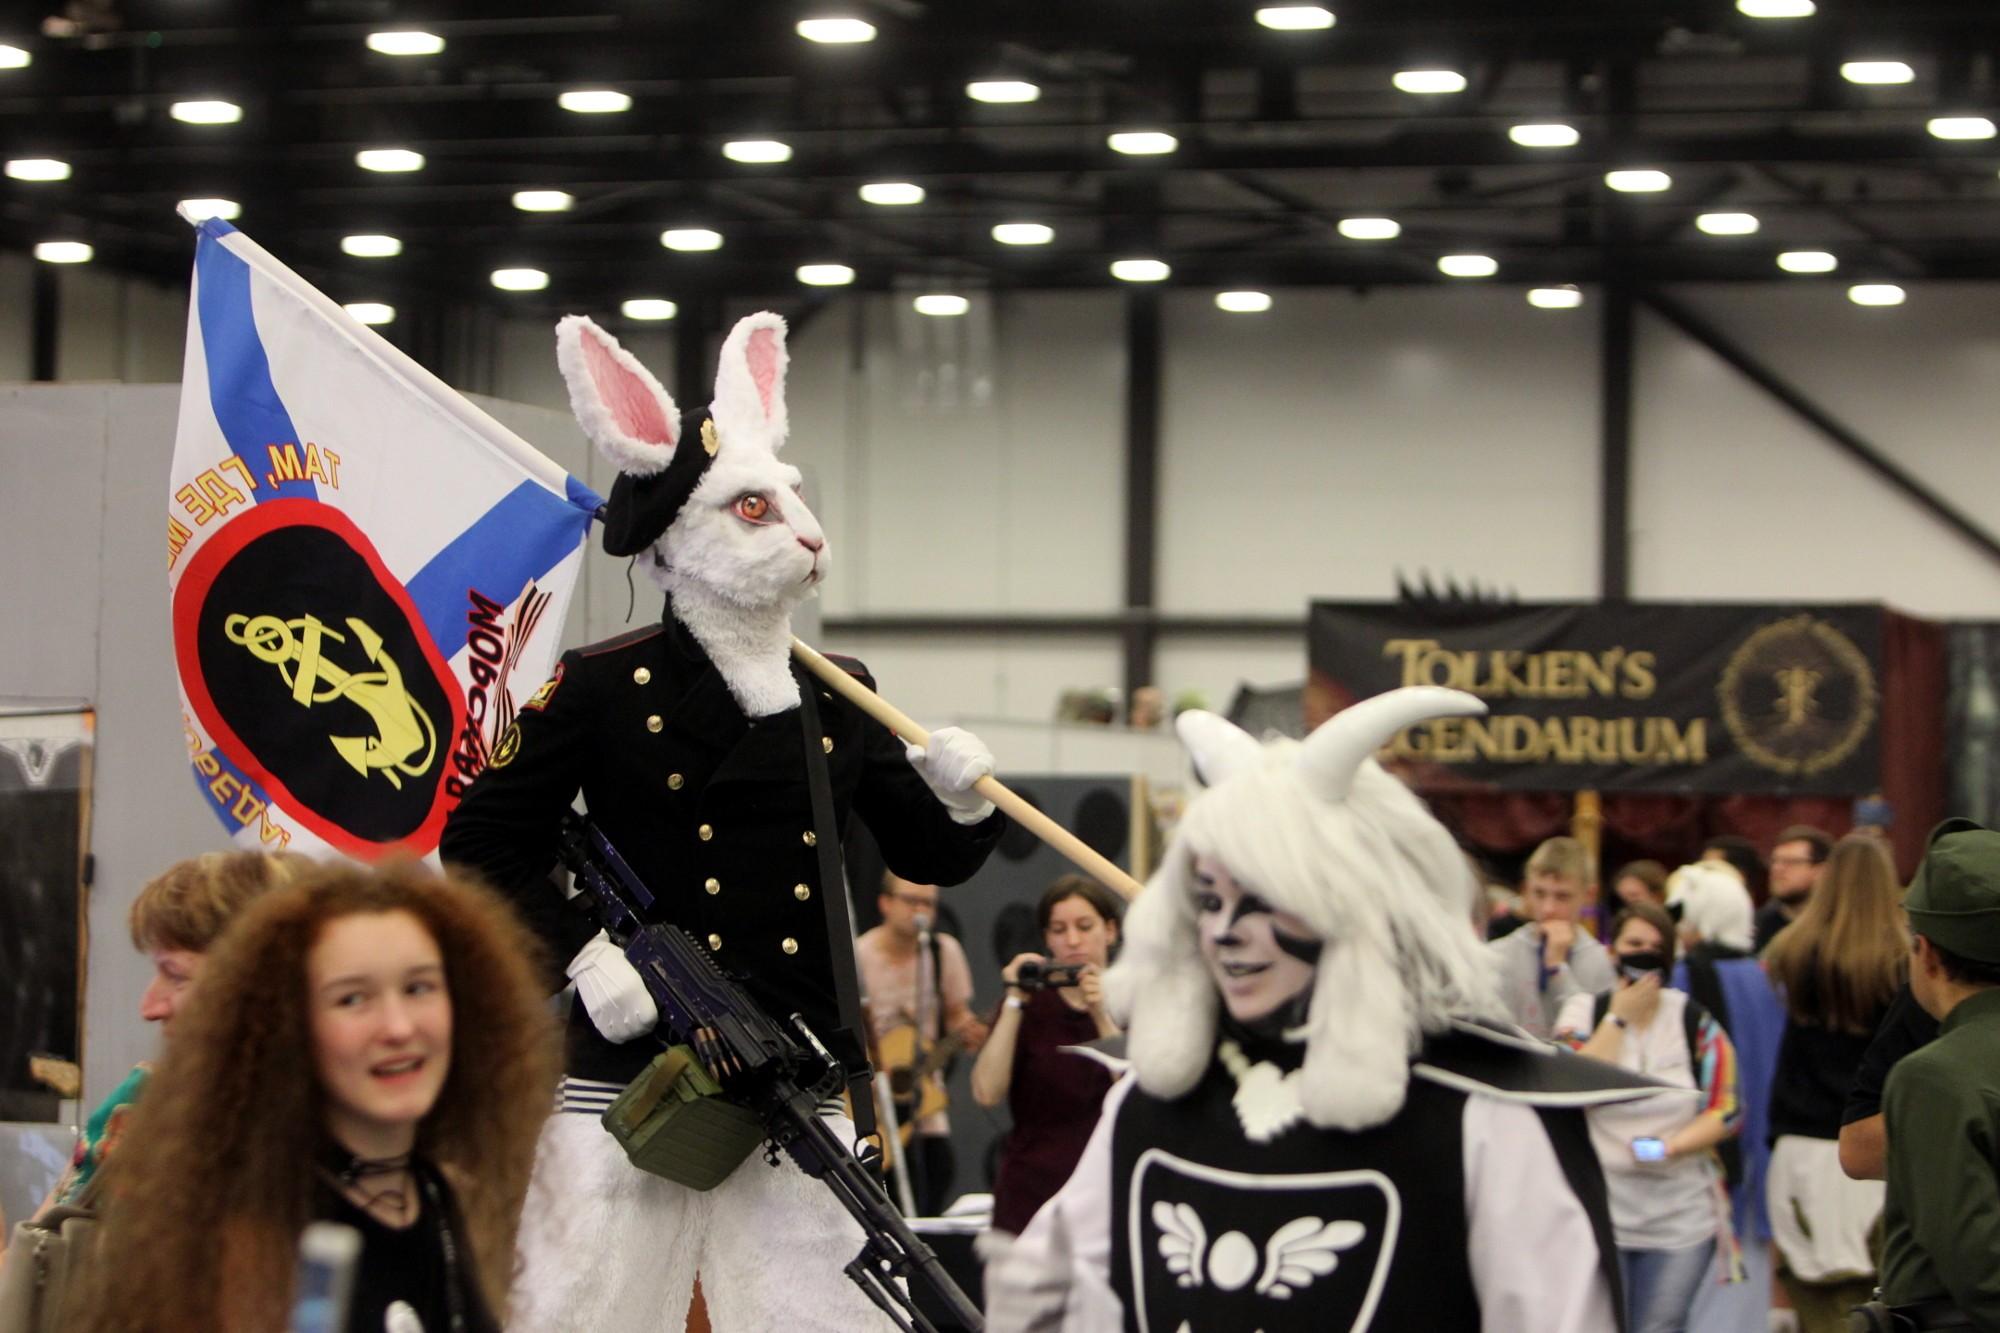 старкон фестиваль косплей фантастика костюмы заяц день вмф